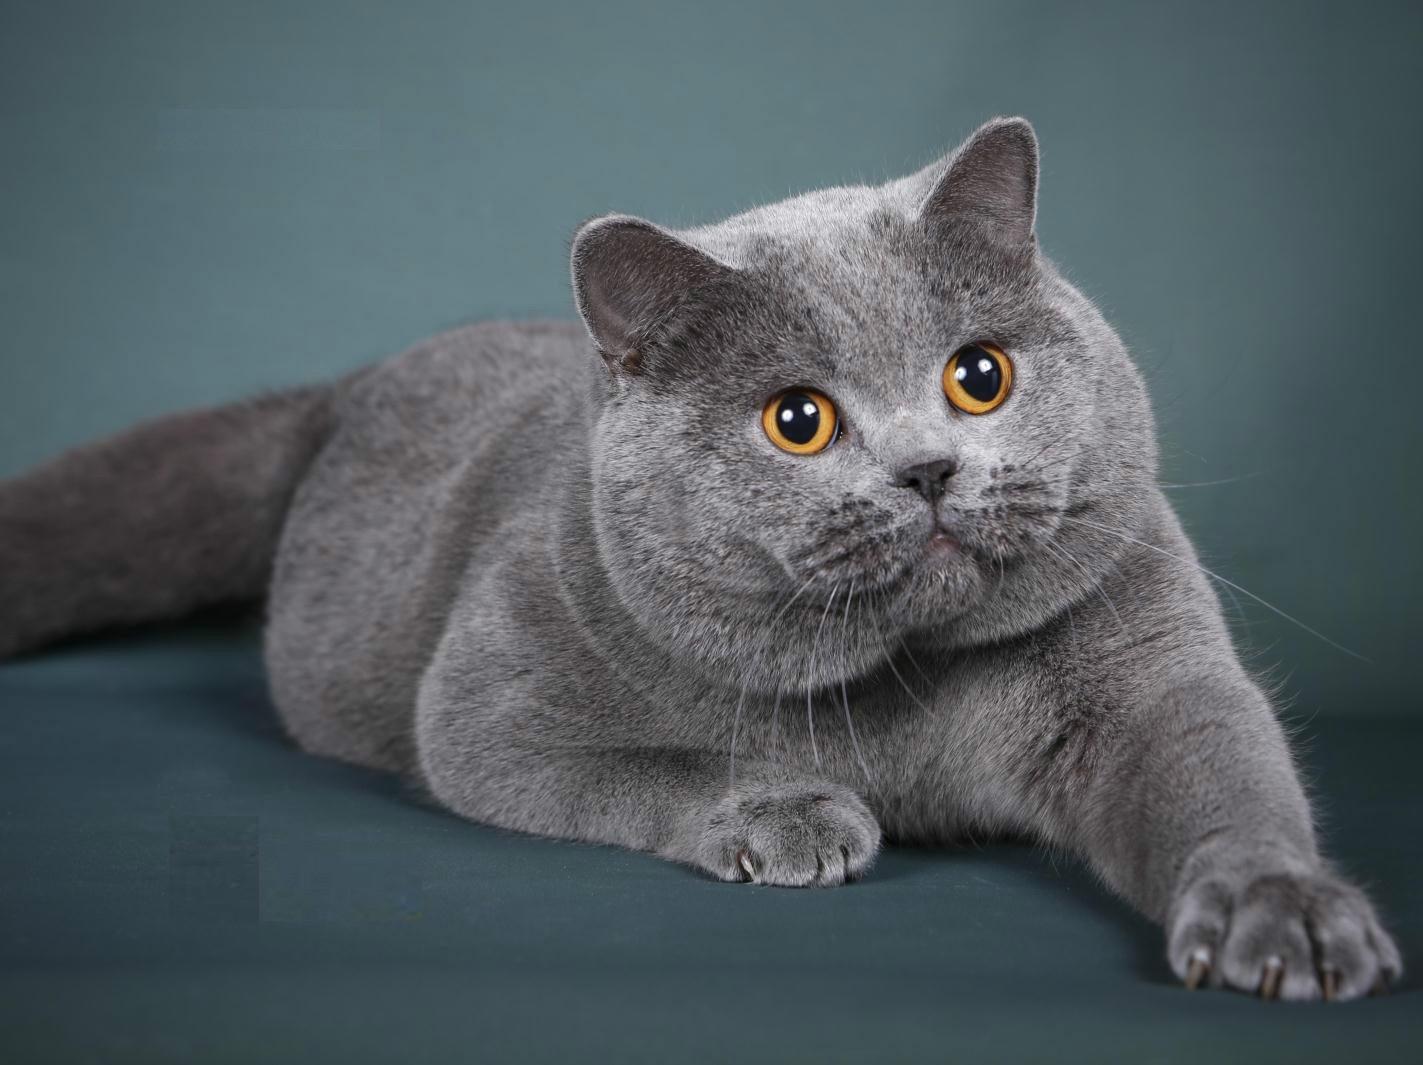 本地哪里有蓝猫卖 蓝猫成年多少斤 图片价格 新手建议